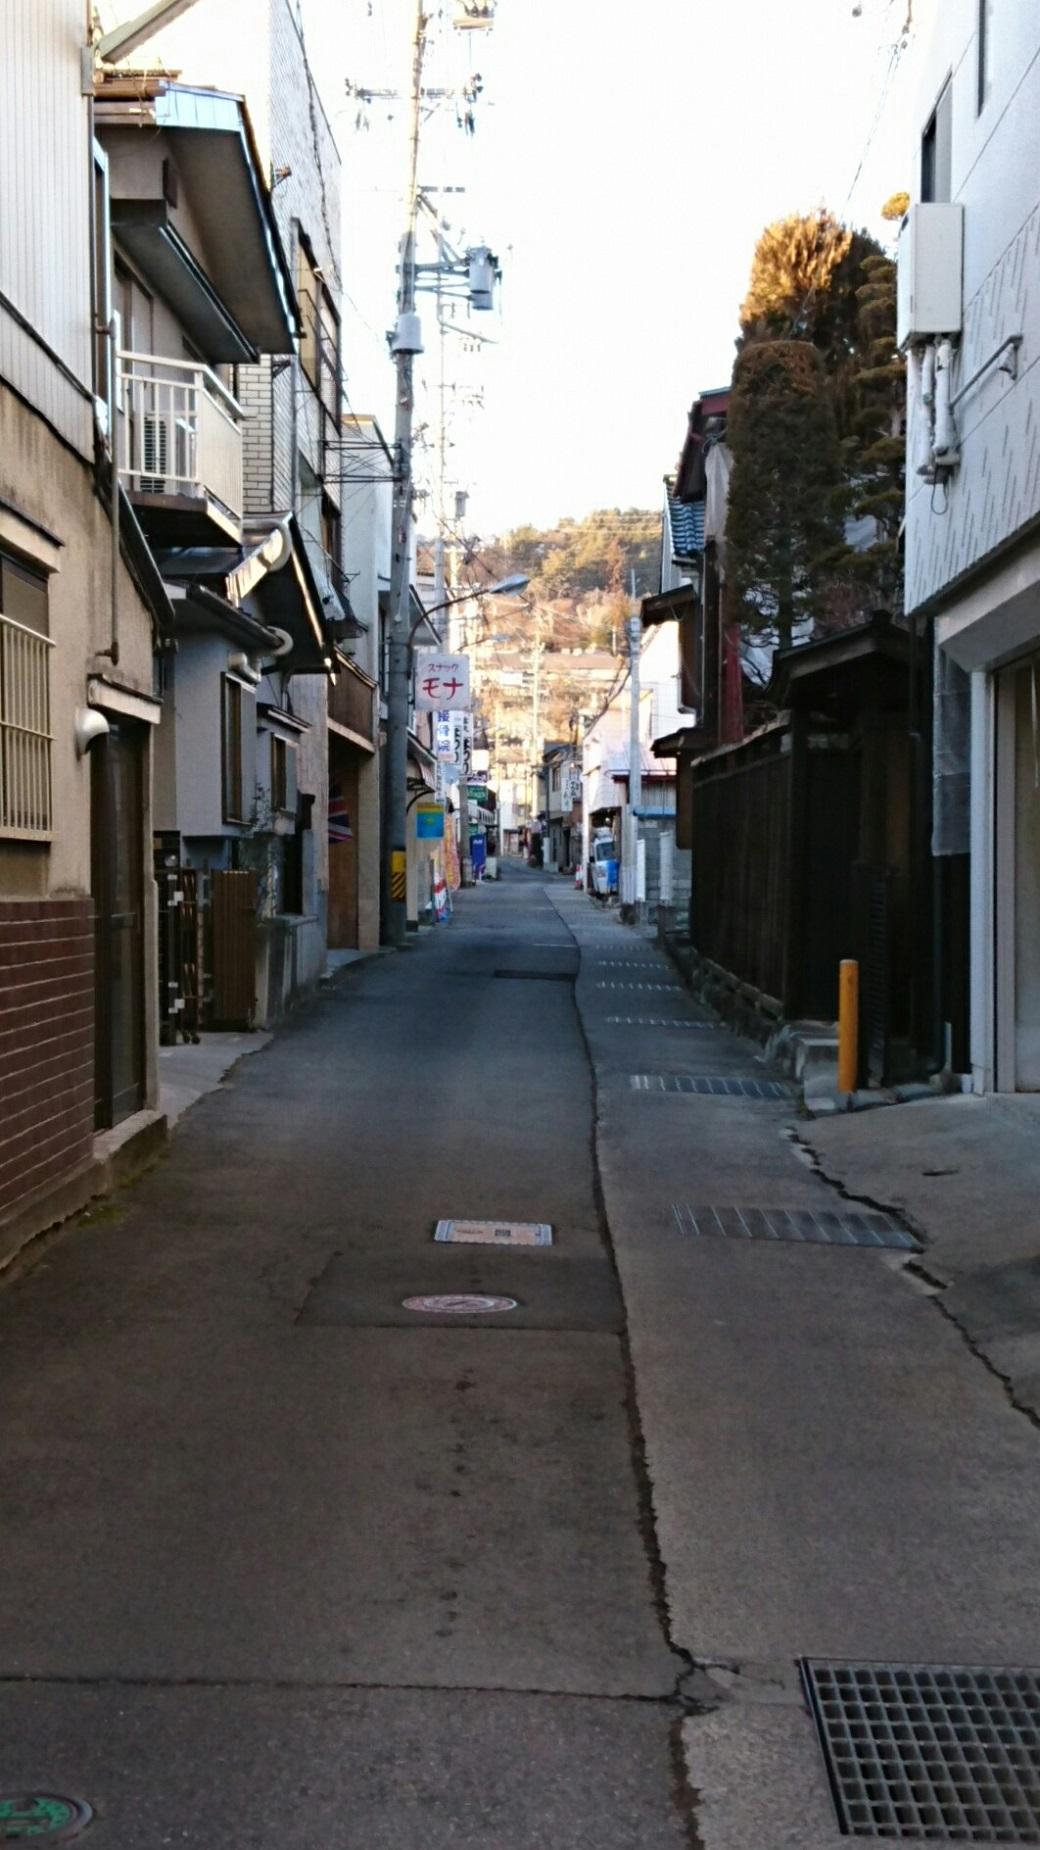 2019.1.24 (319) 下諏訪 - のみやがい 1040-1850